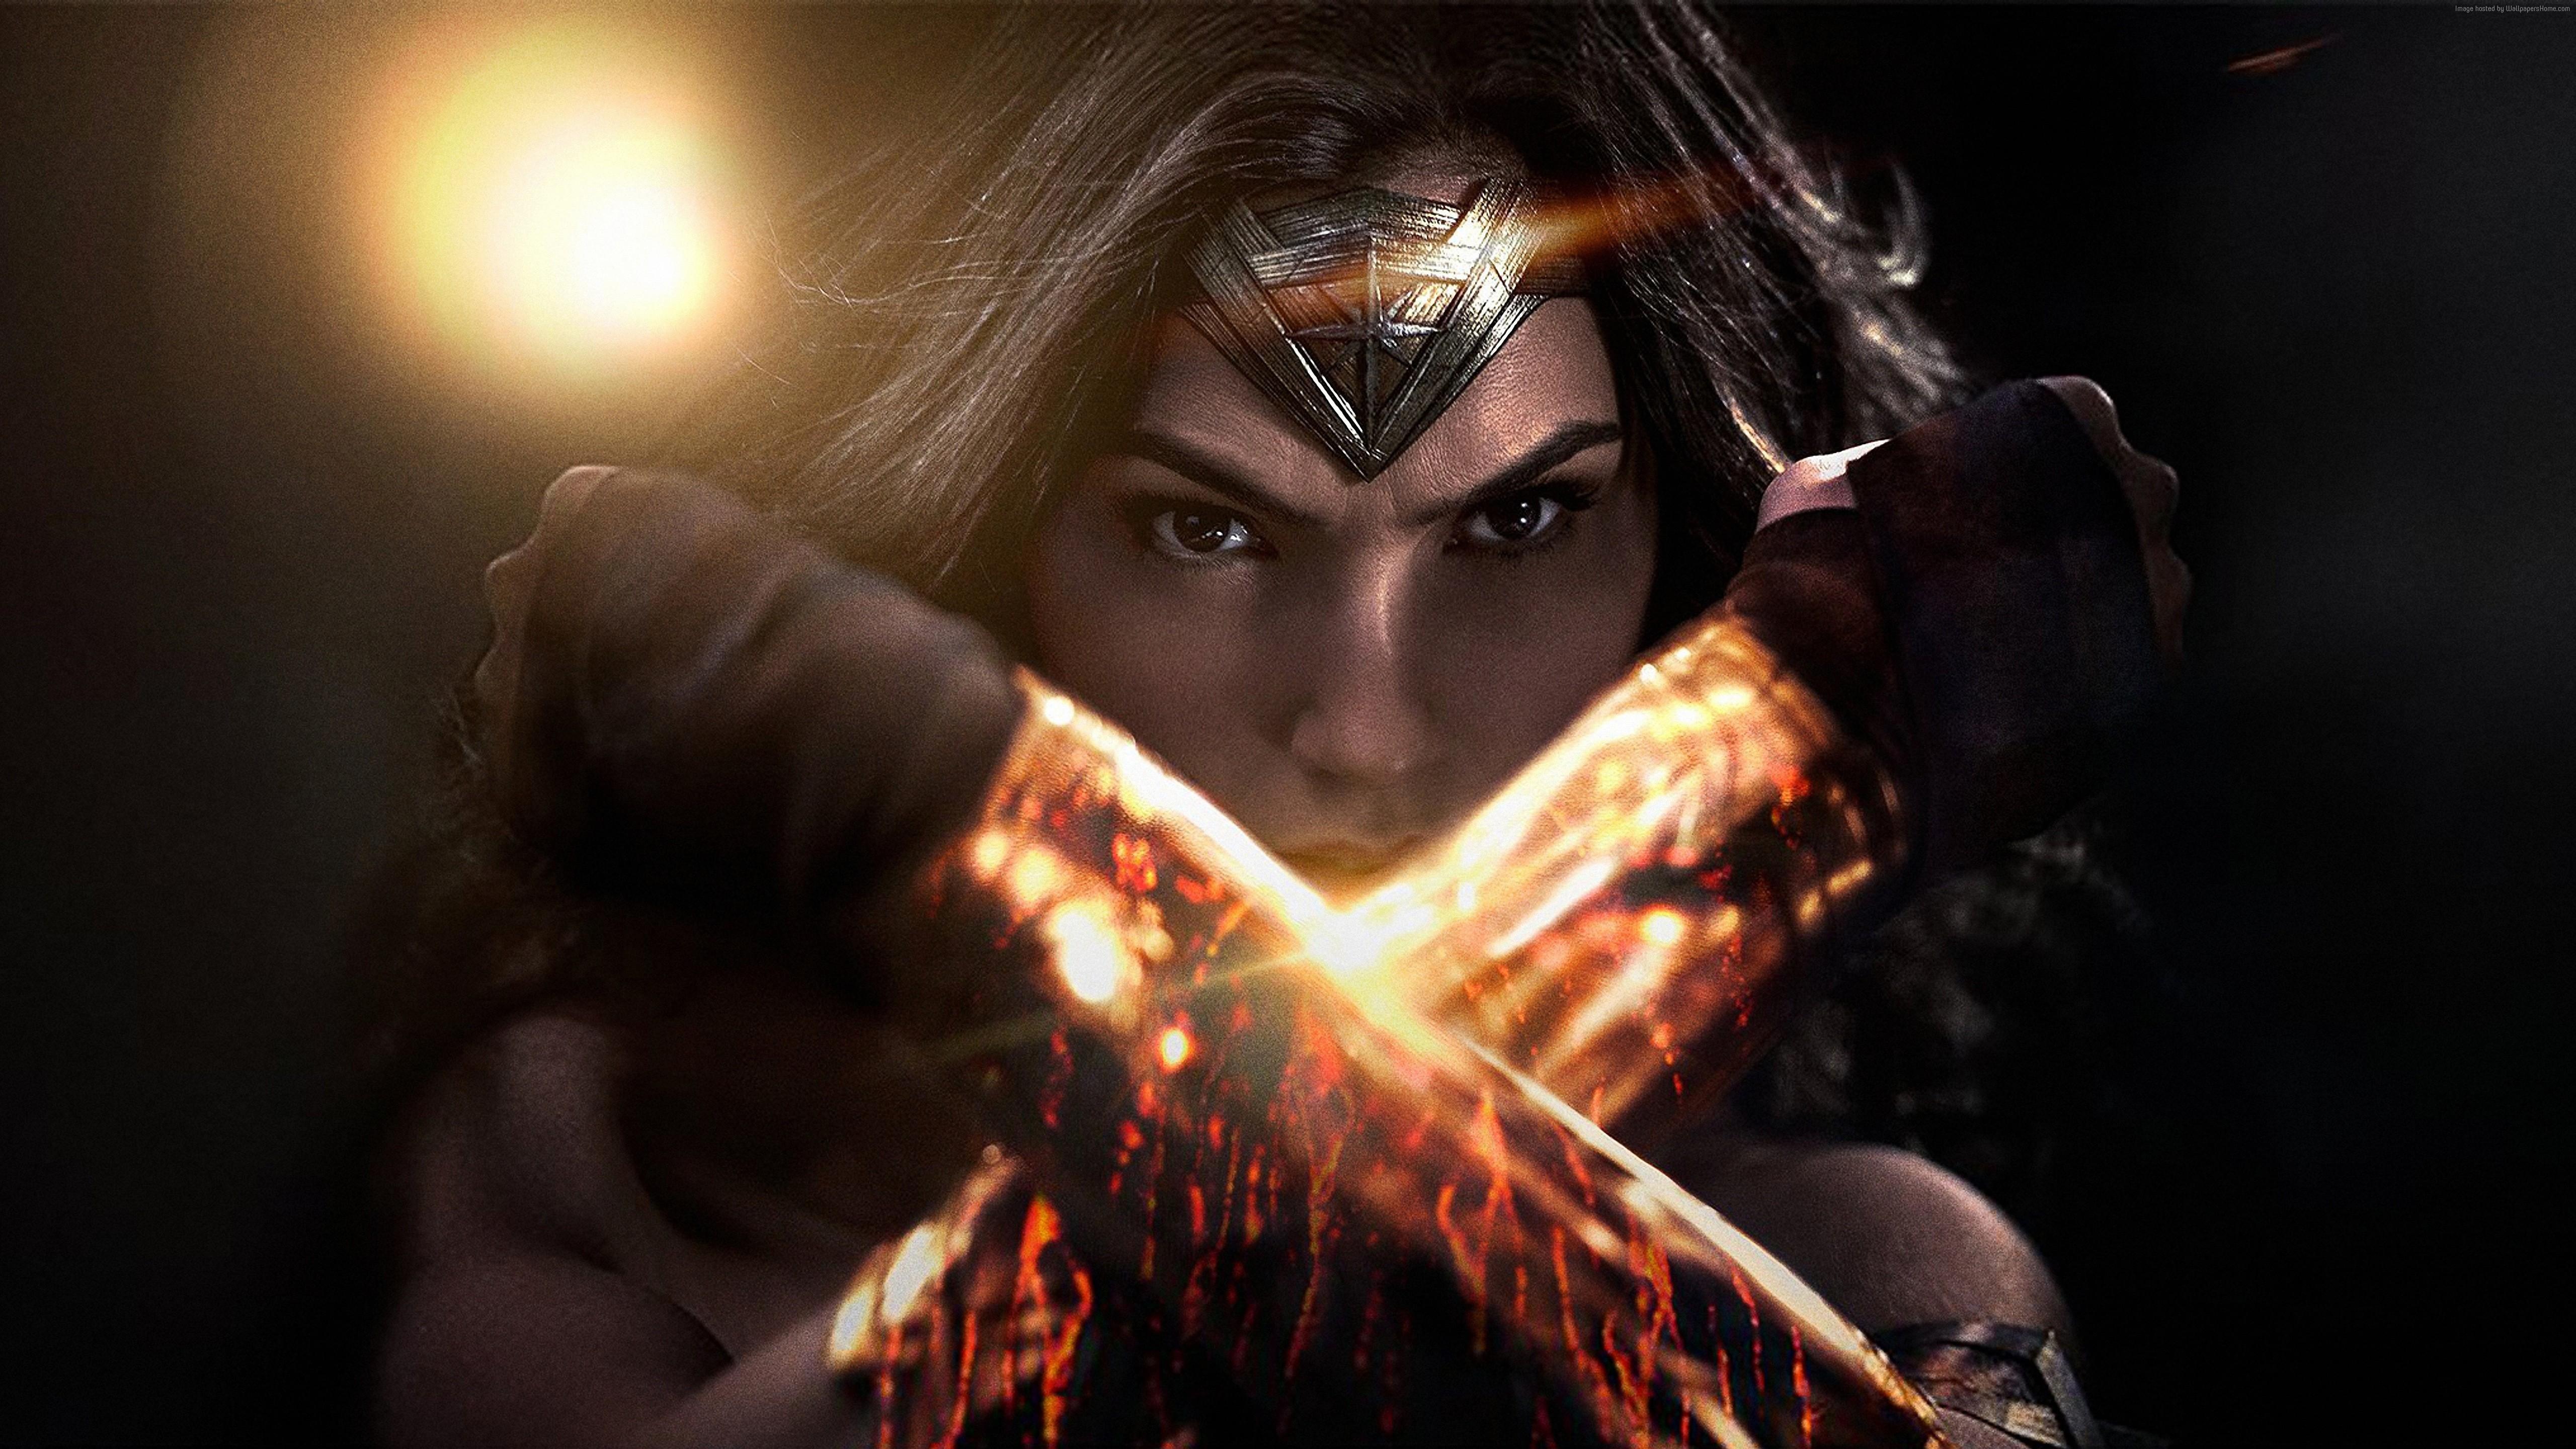 Wonder Woman Movie Wallpapers Hd